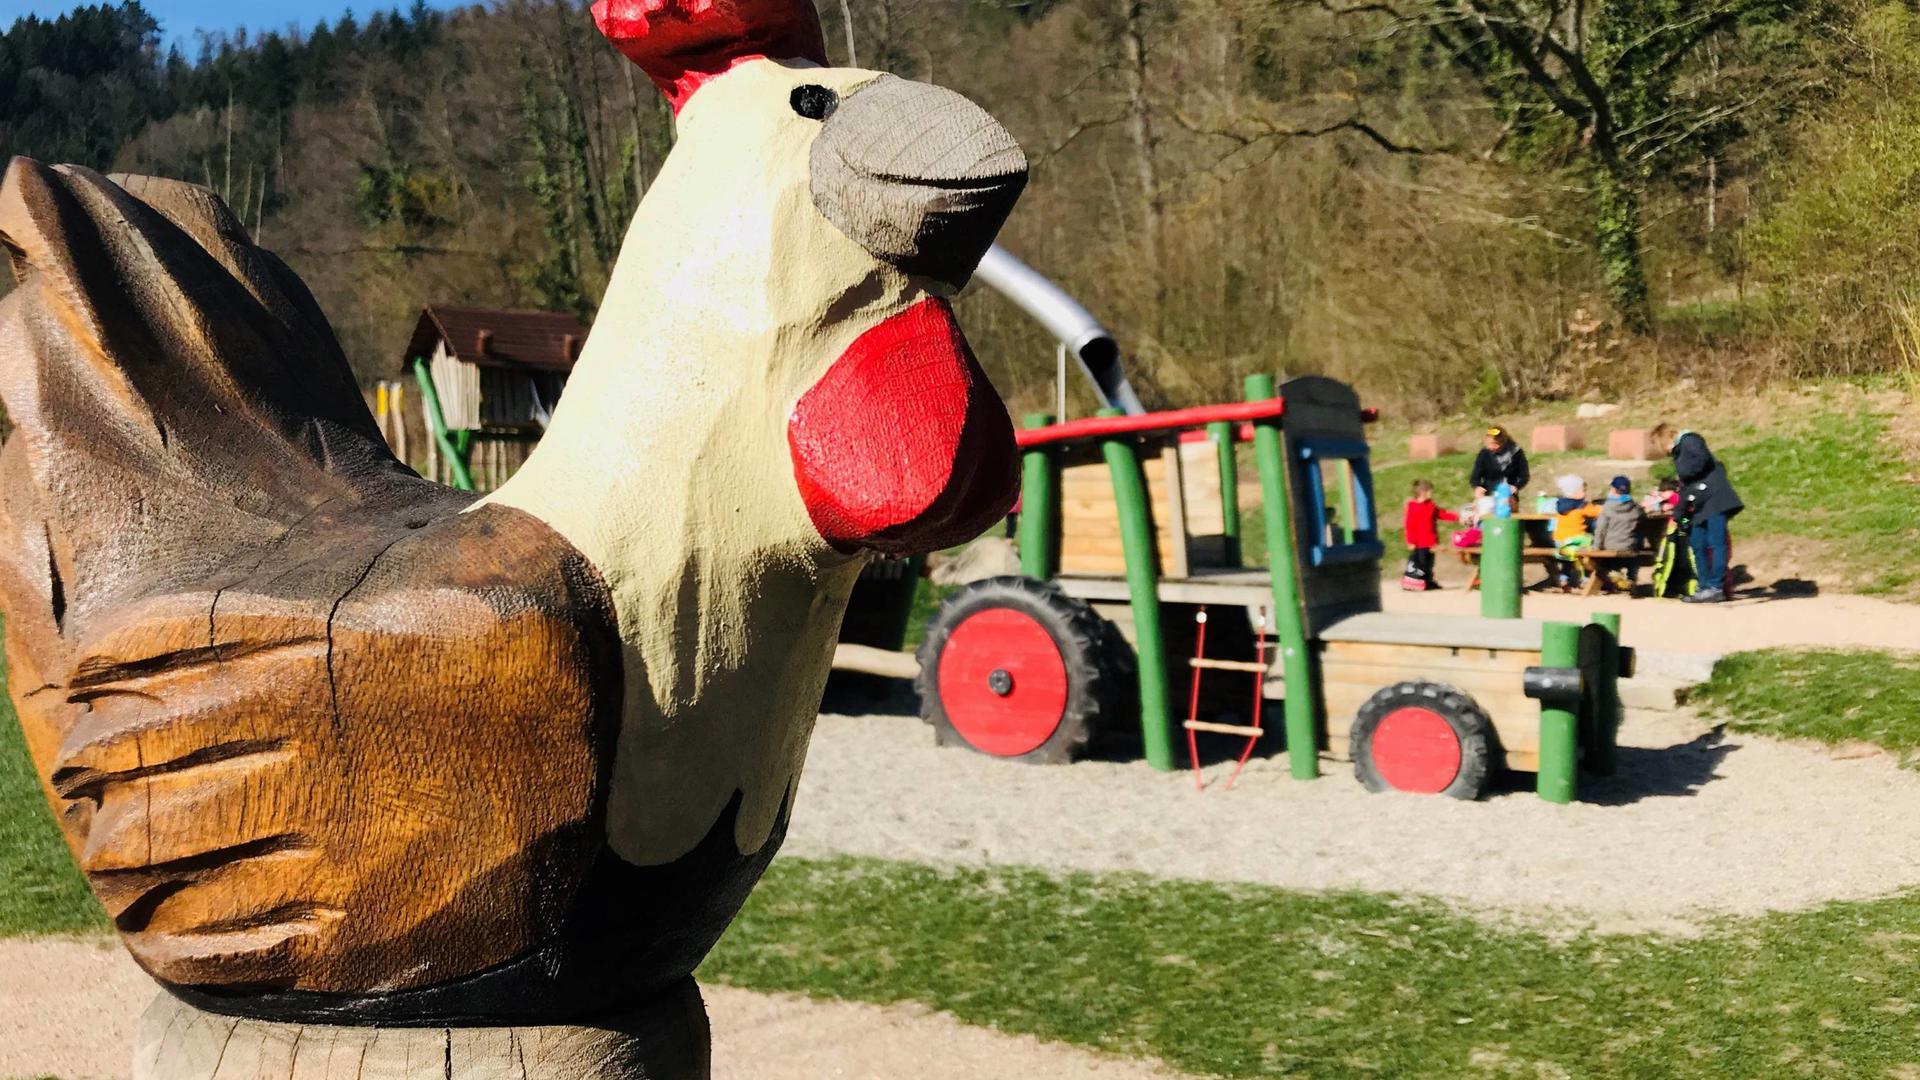 Ein angesagter Spielplatz ist die Anlage auf der Sägmüllermatte bei der Geroldsauer Mühle. Es geht um die Themen Bauernhof und Landwirtschaft.